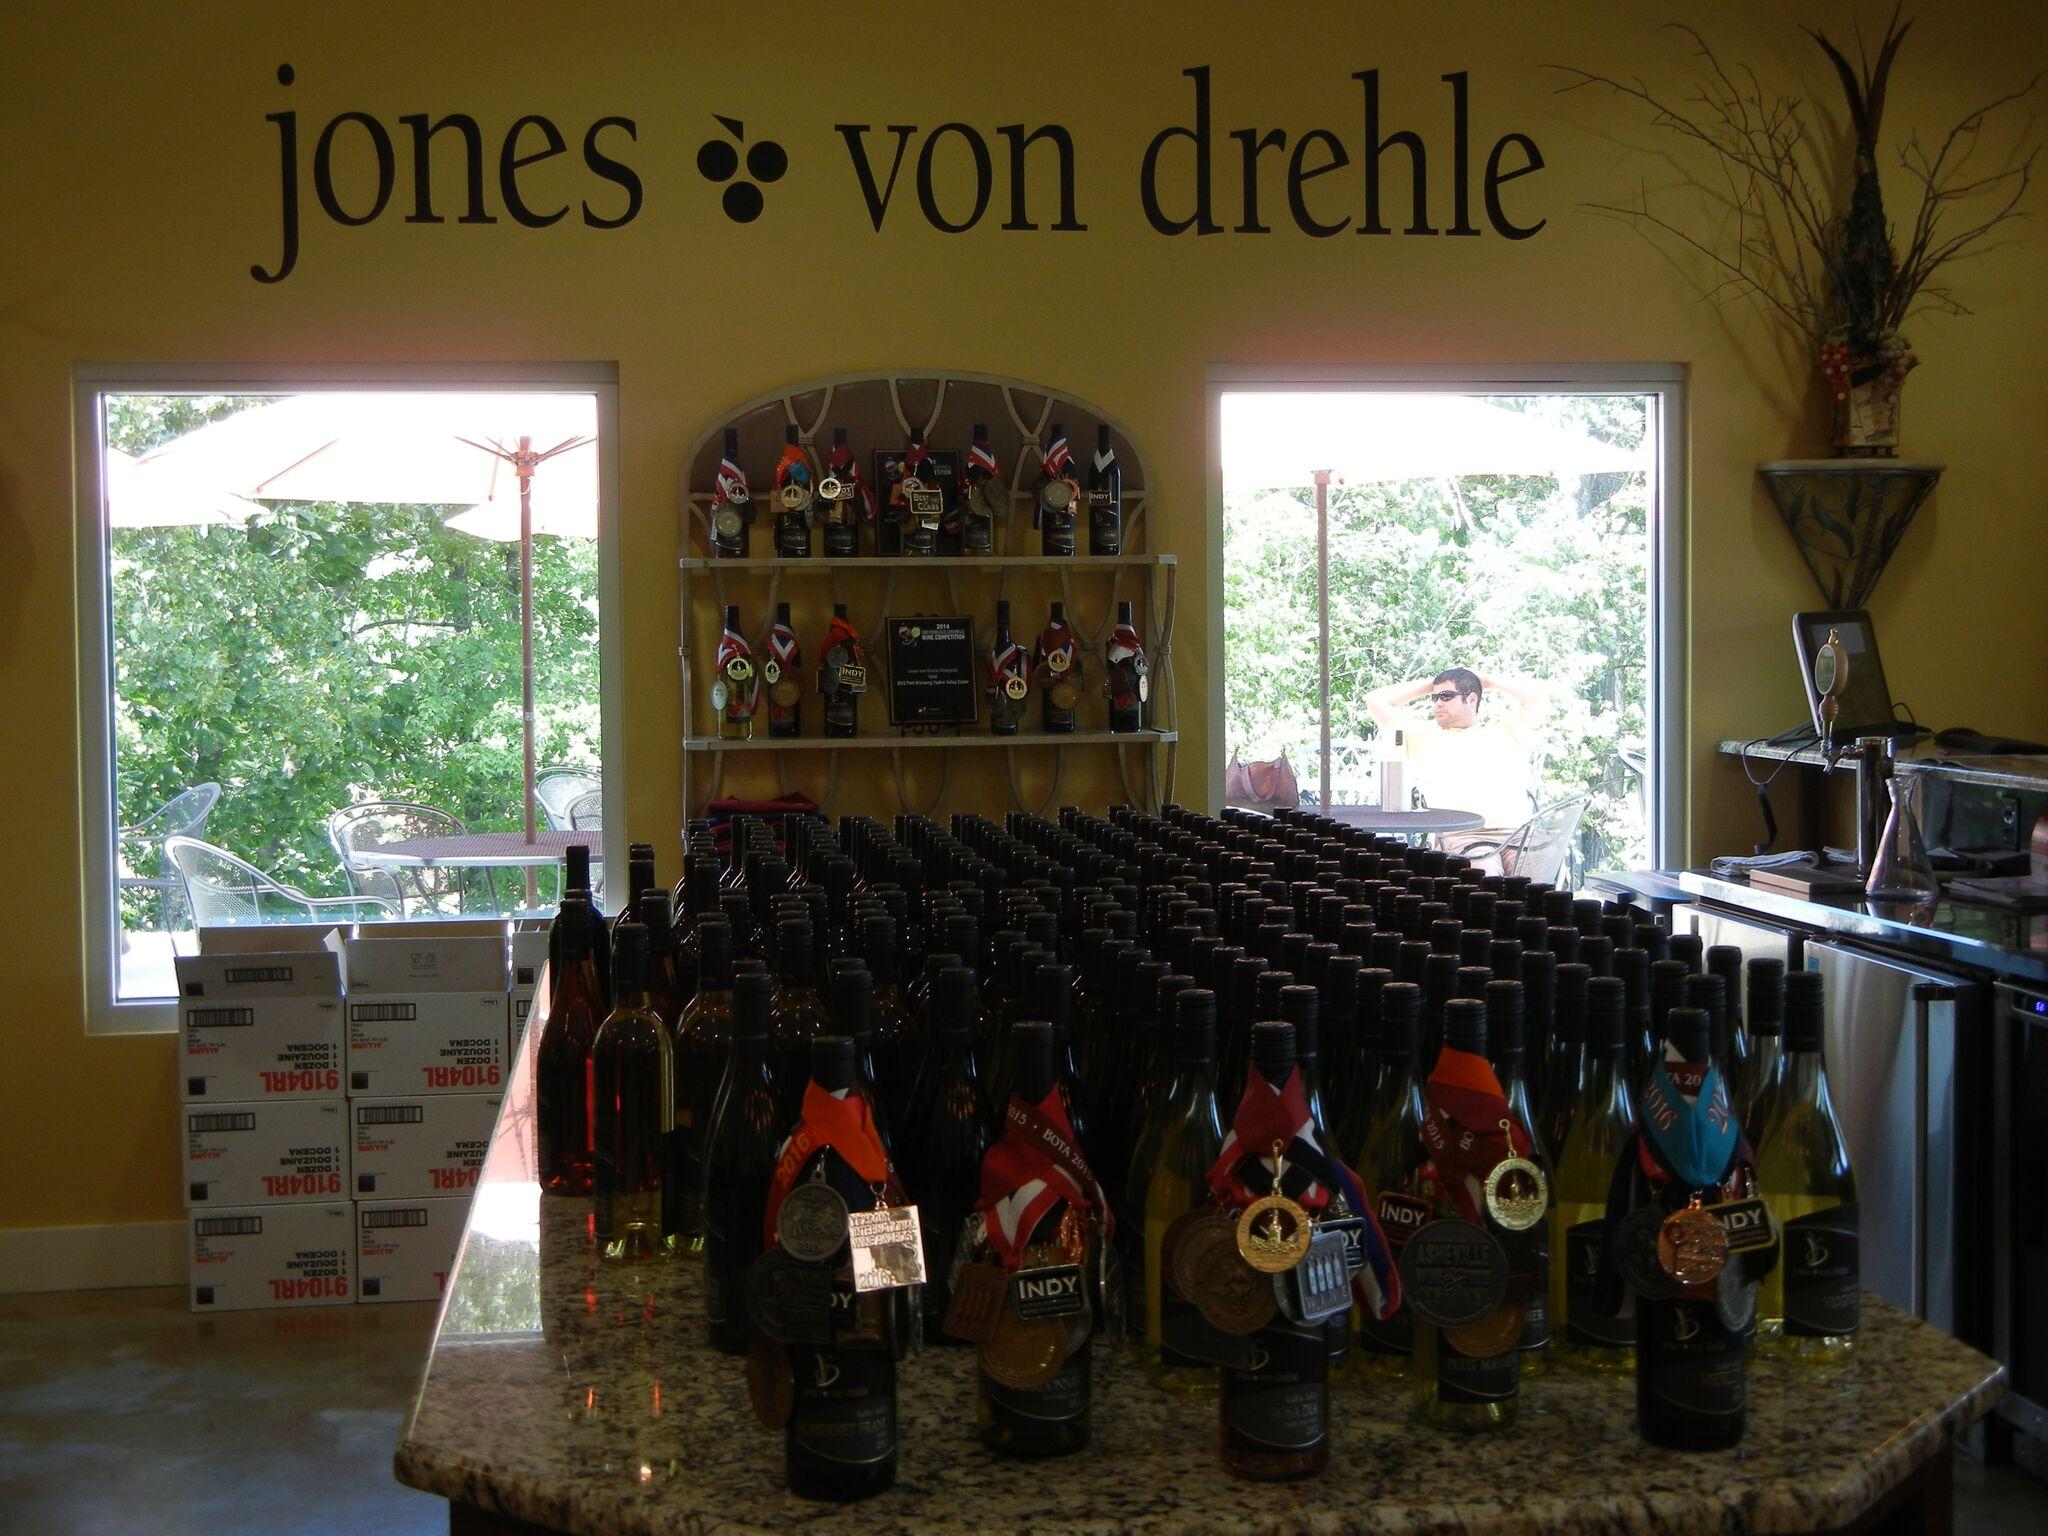 Jones Von Drehle | Photo Credit: Hope S Philbrick